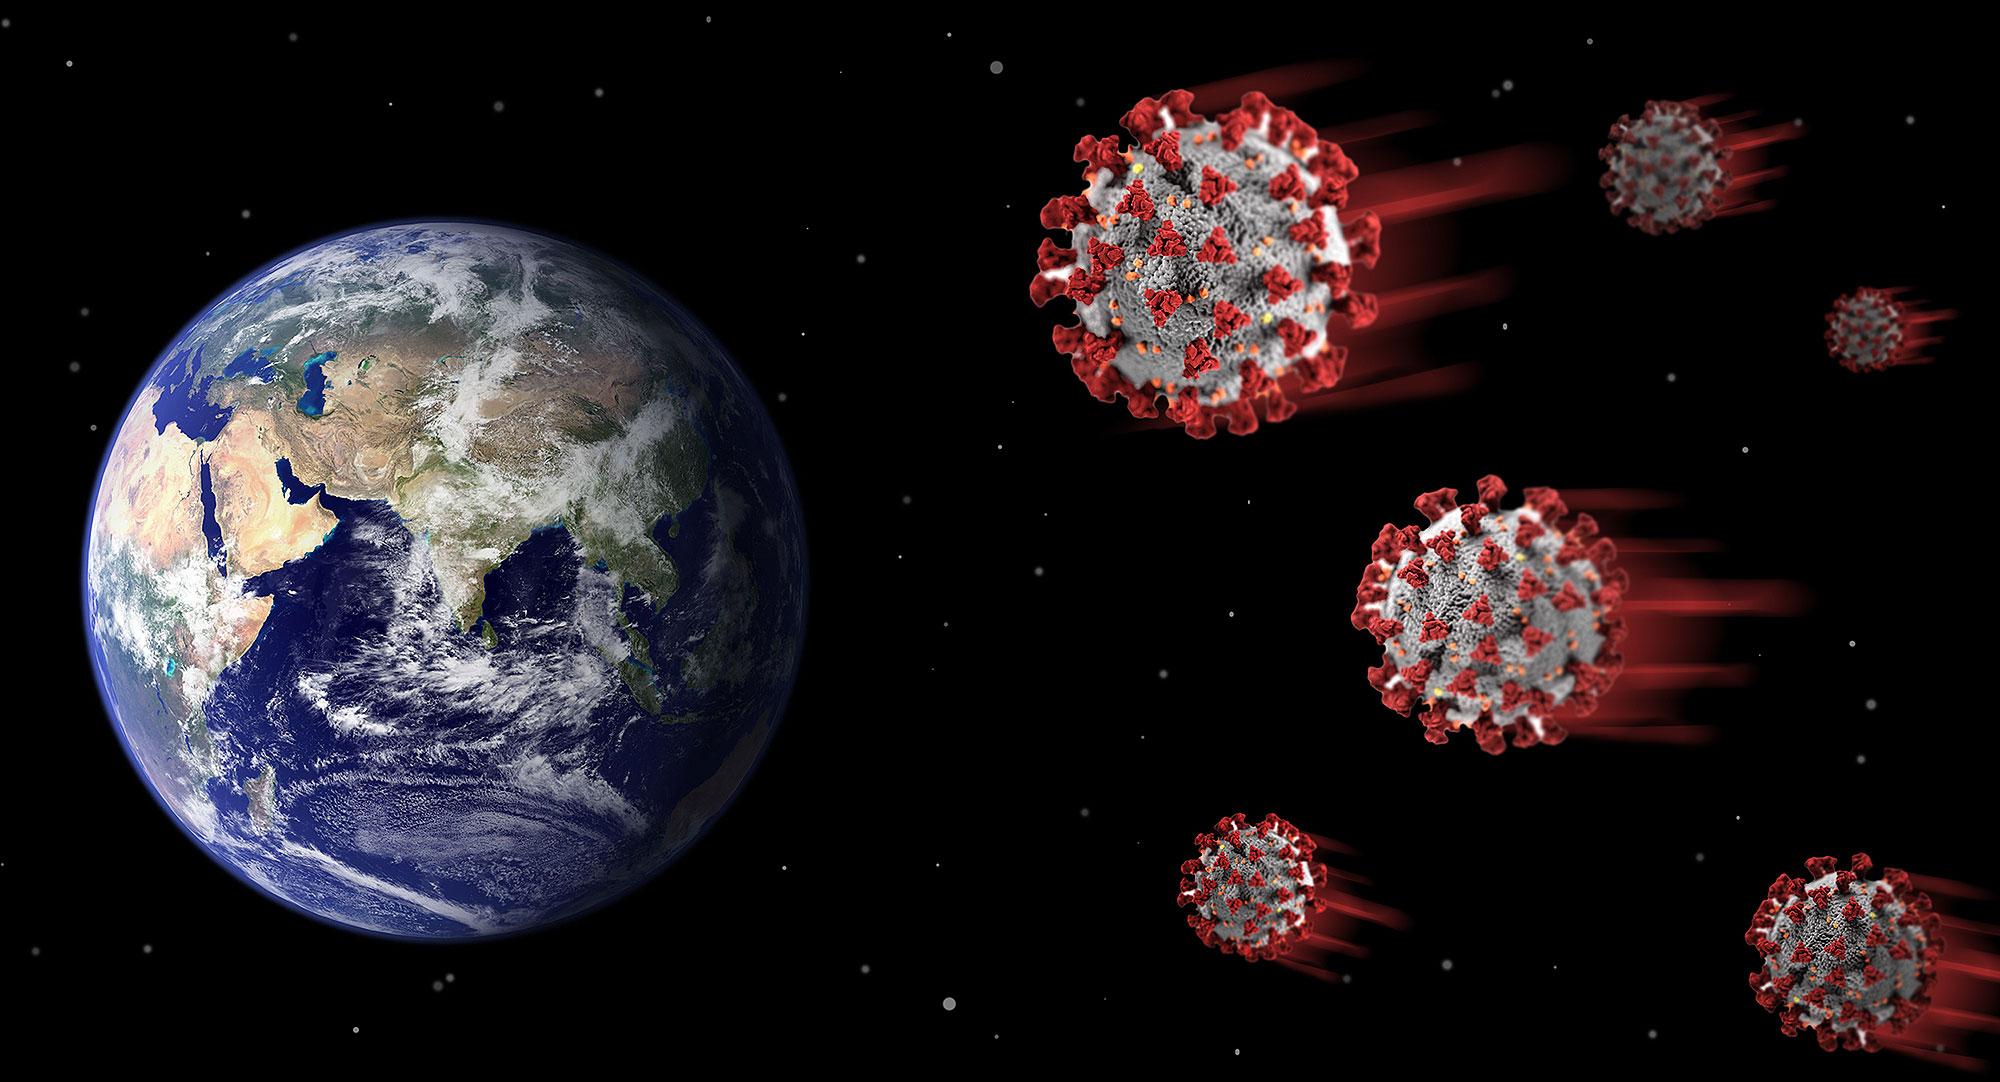 В метеоритах нашли инопланетных существ: эксклюзивное интервью профессора NASA